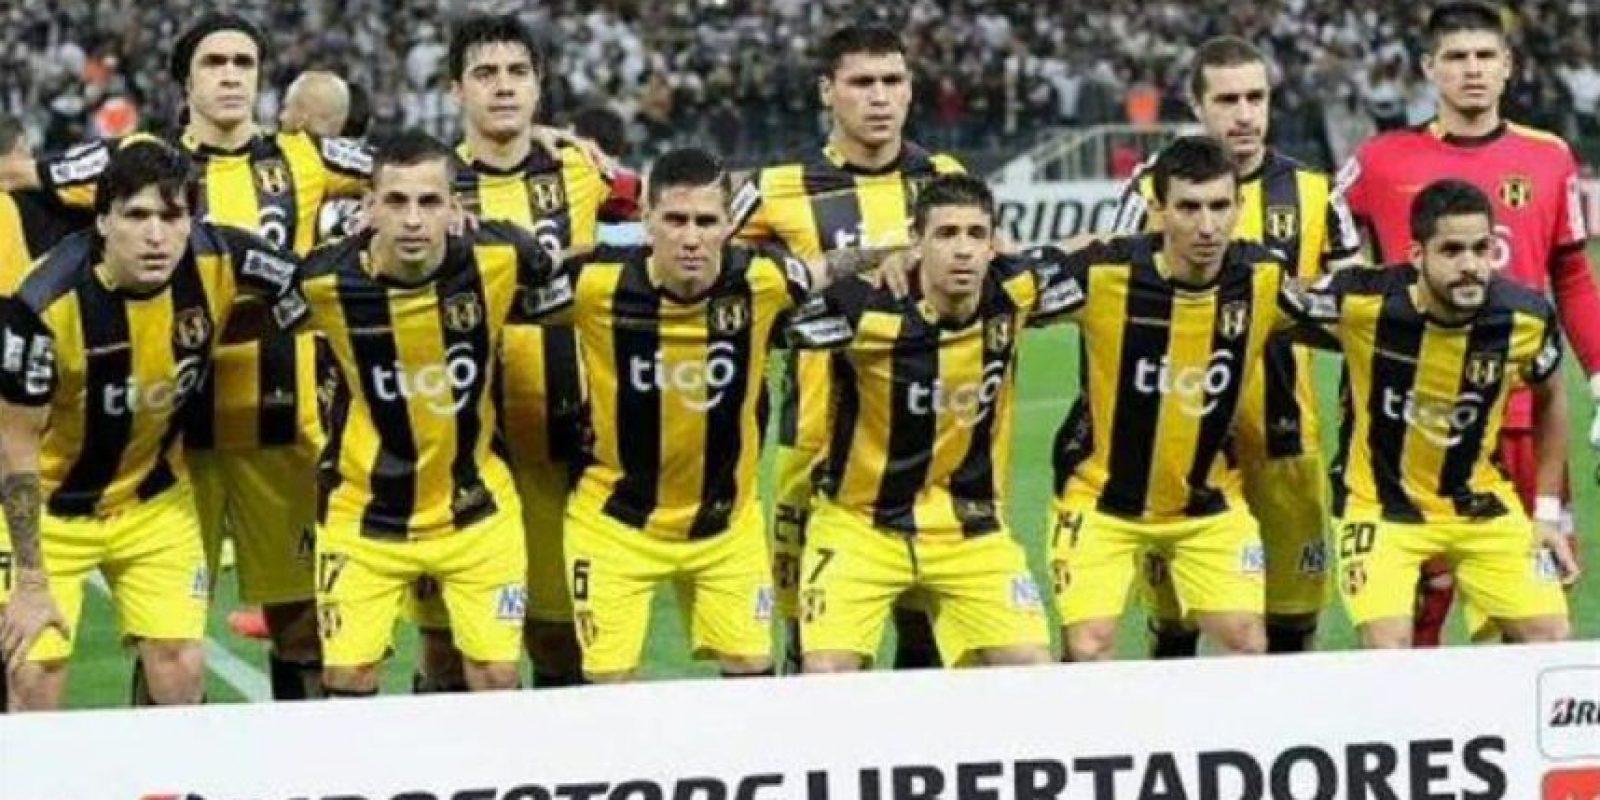 El combinado paraguayo busca alcanzar su primera final Foto:Vía twitter.com/ClubGuarani